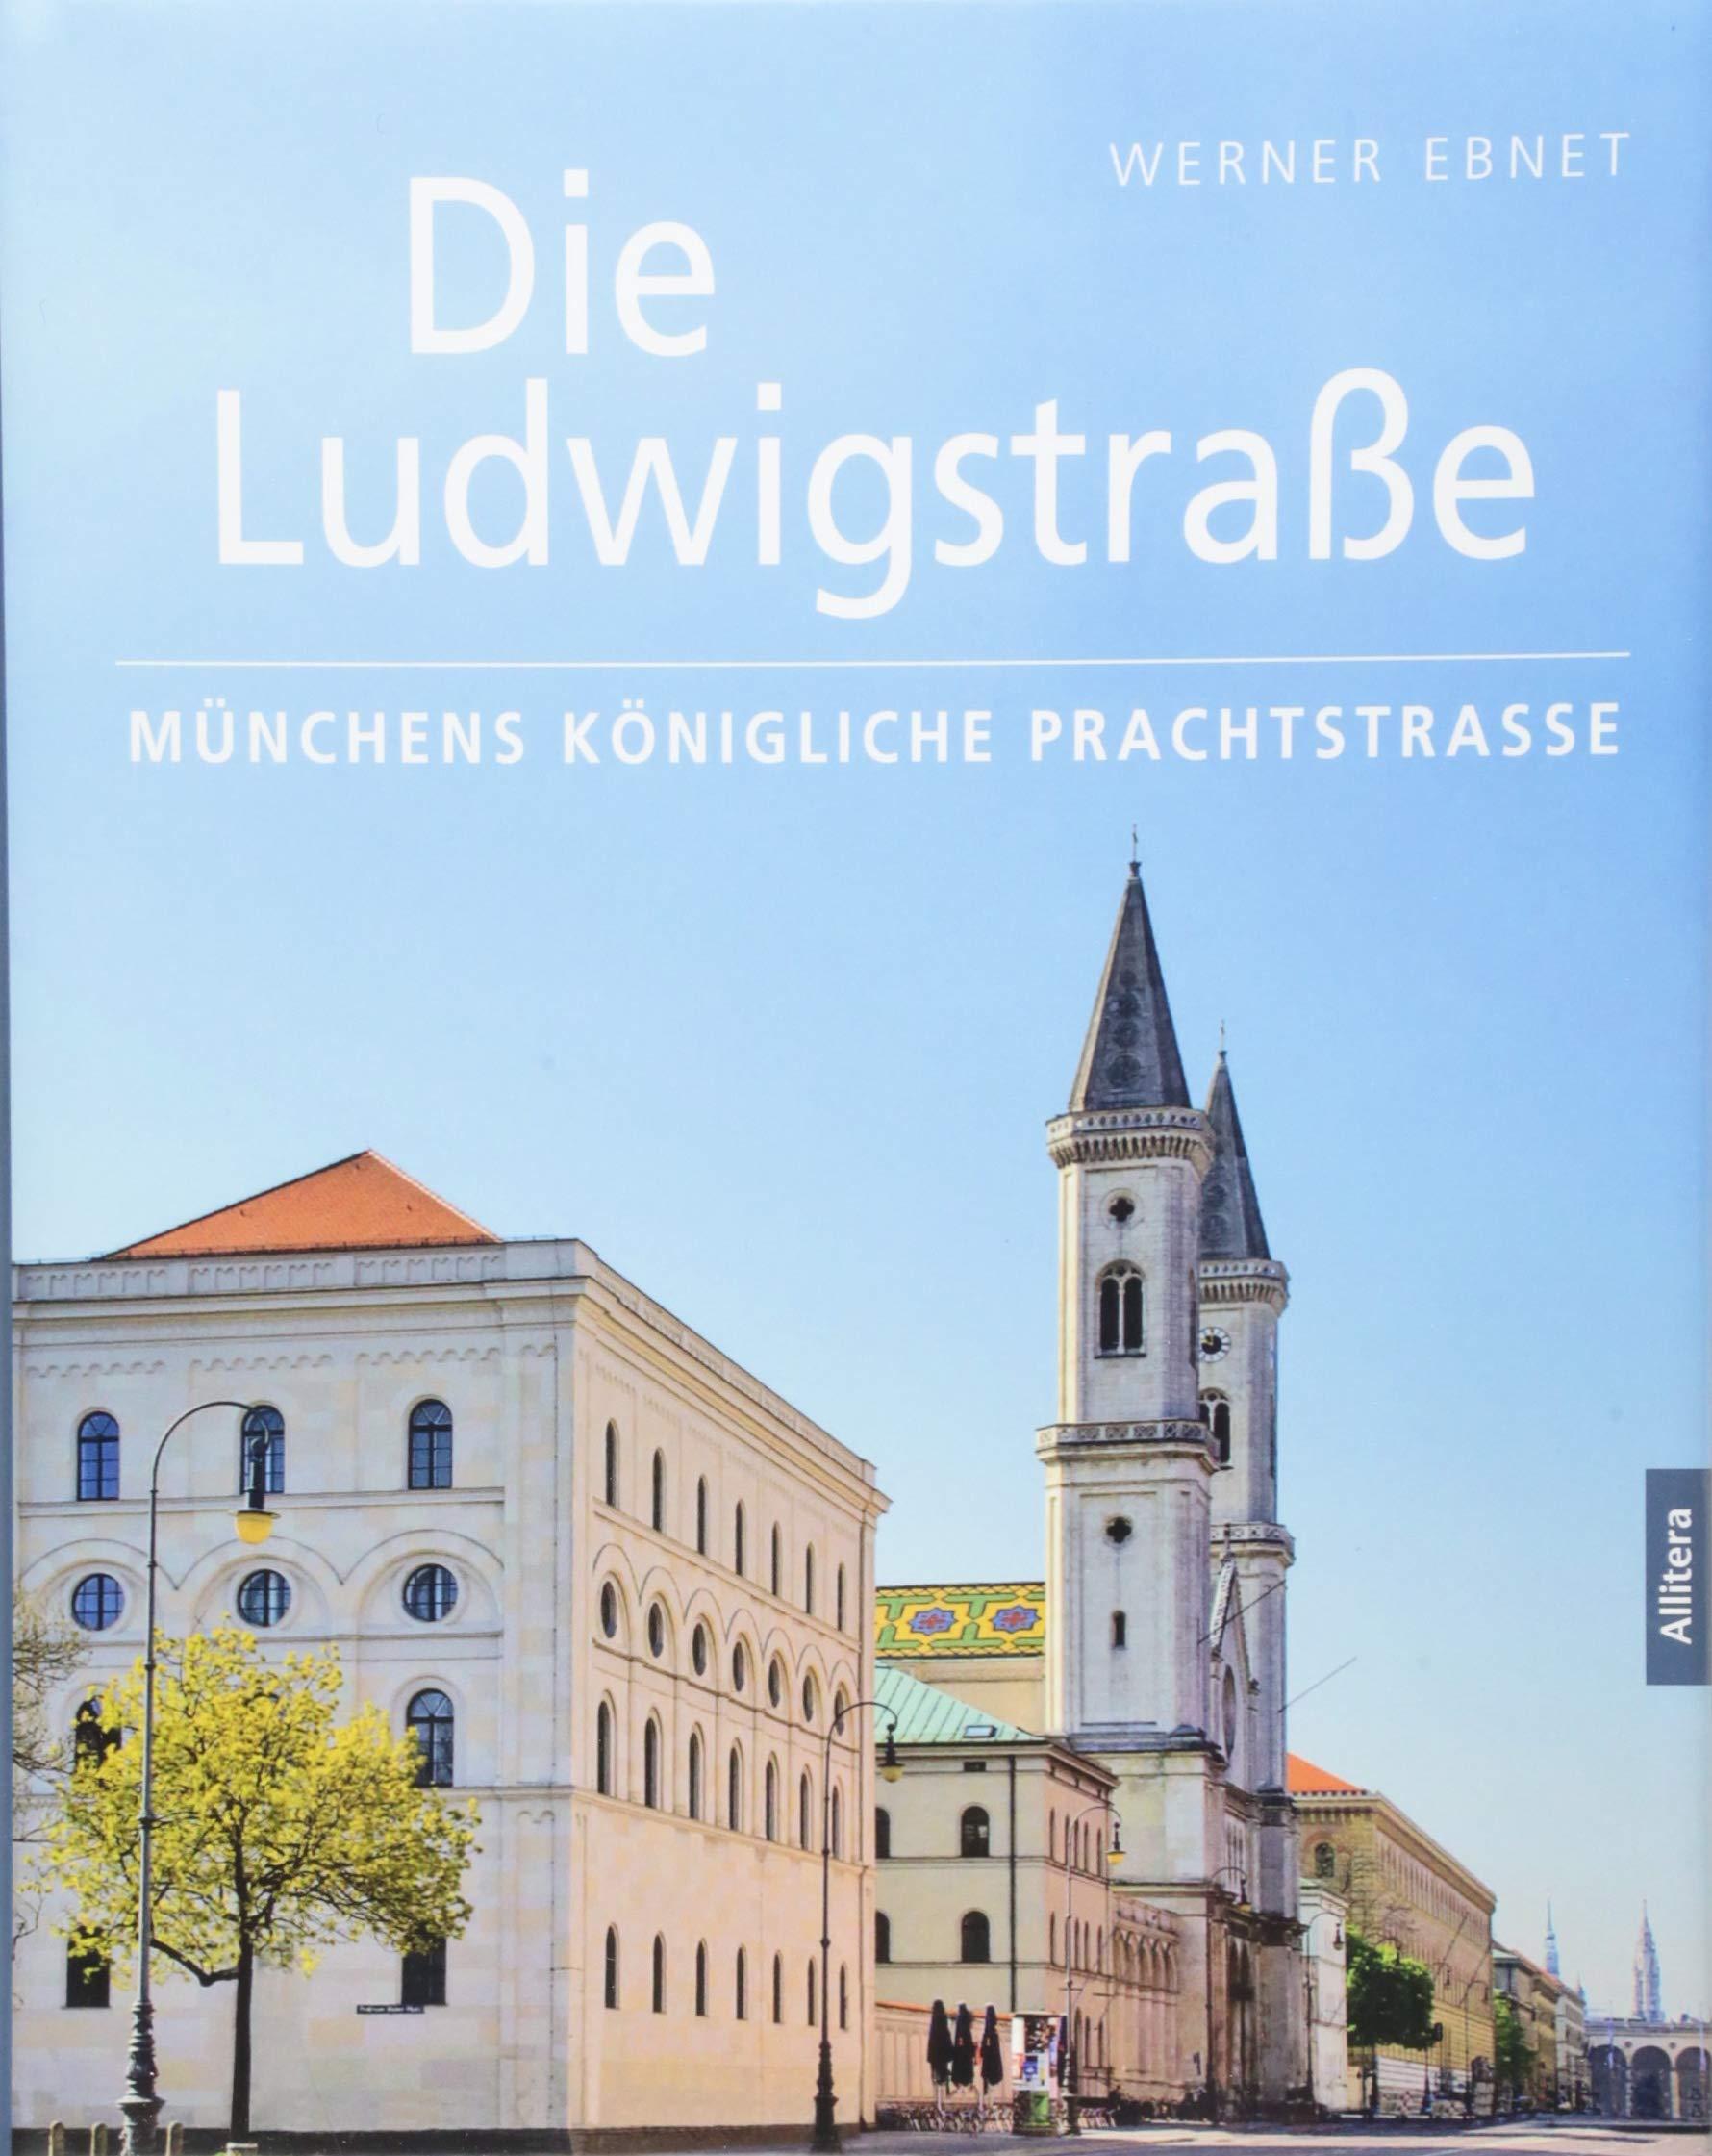 Die Ludwigstraße  Münchens Königliche Prachtstraße